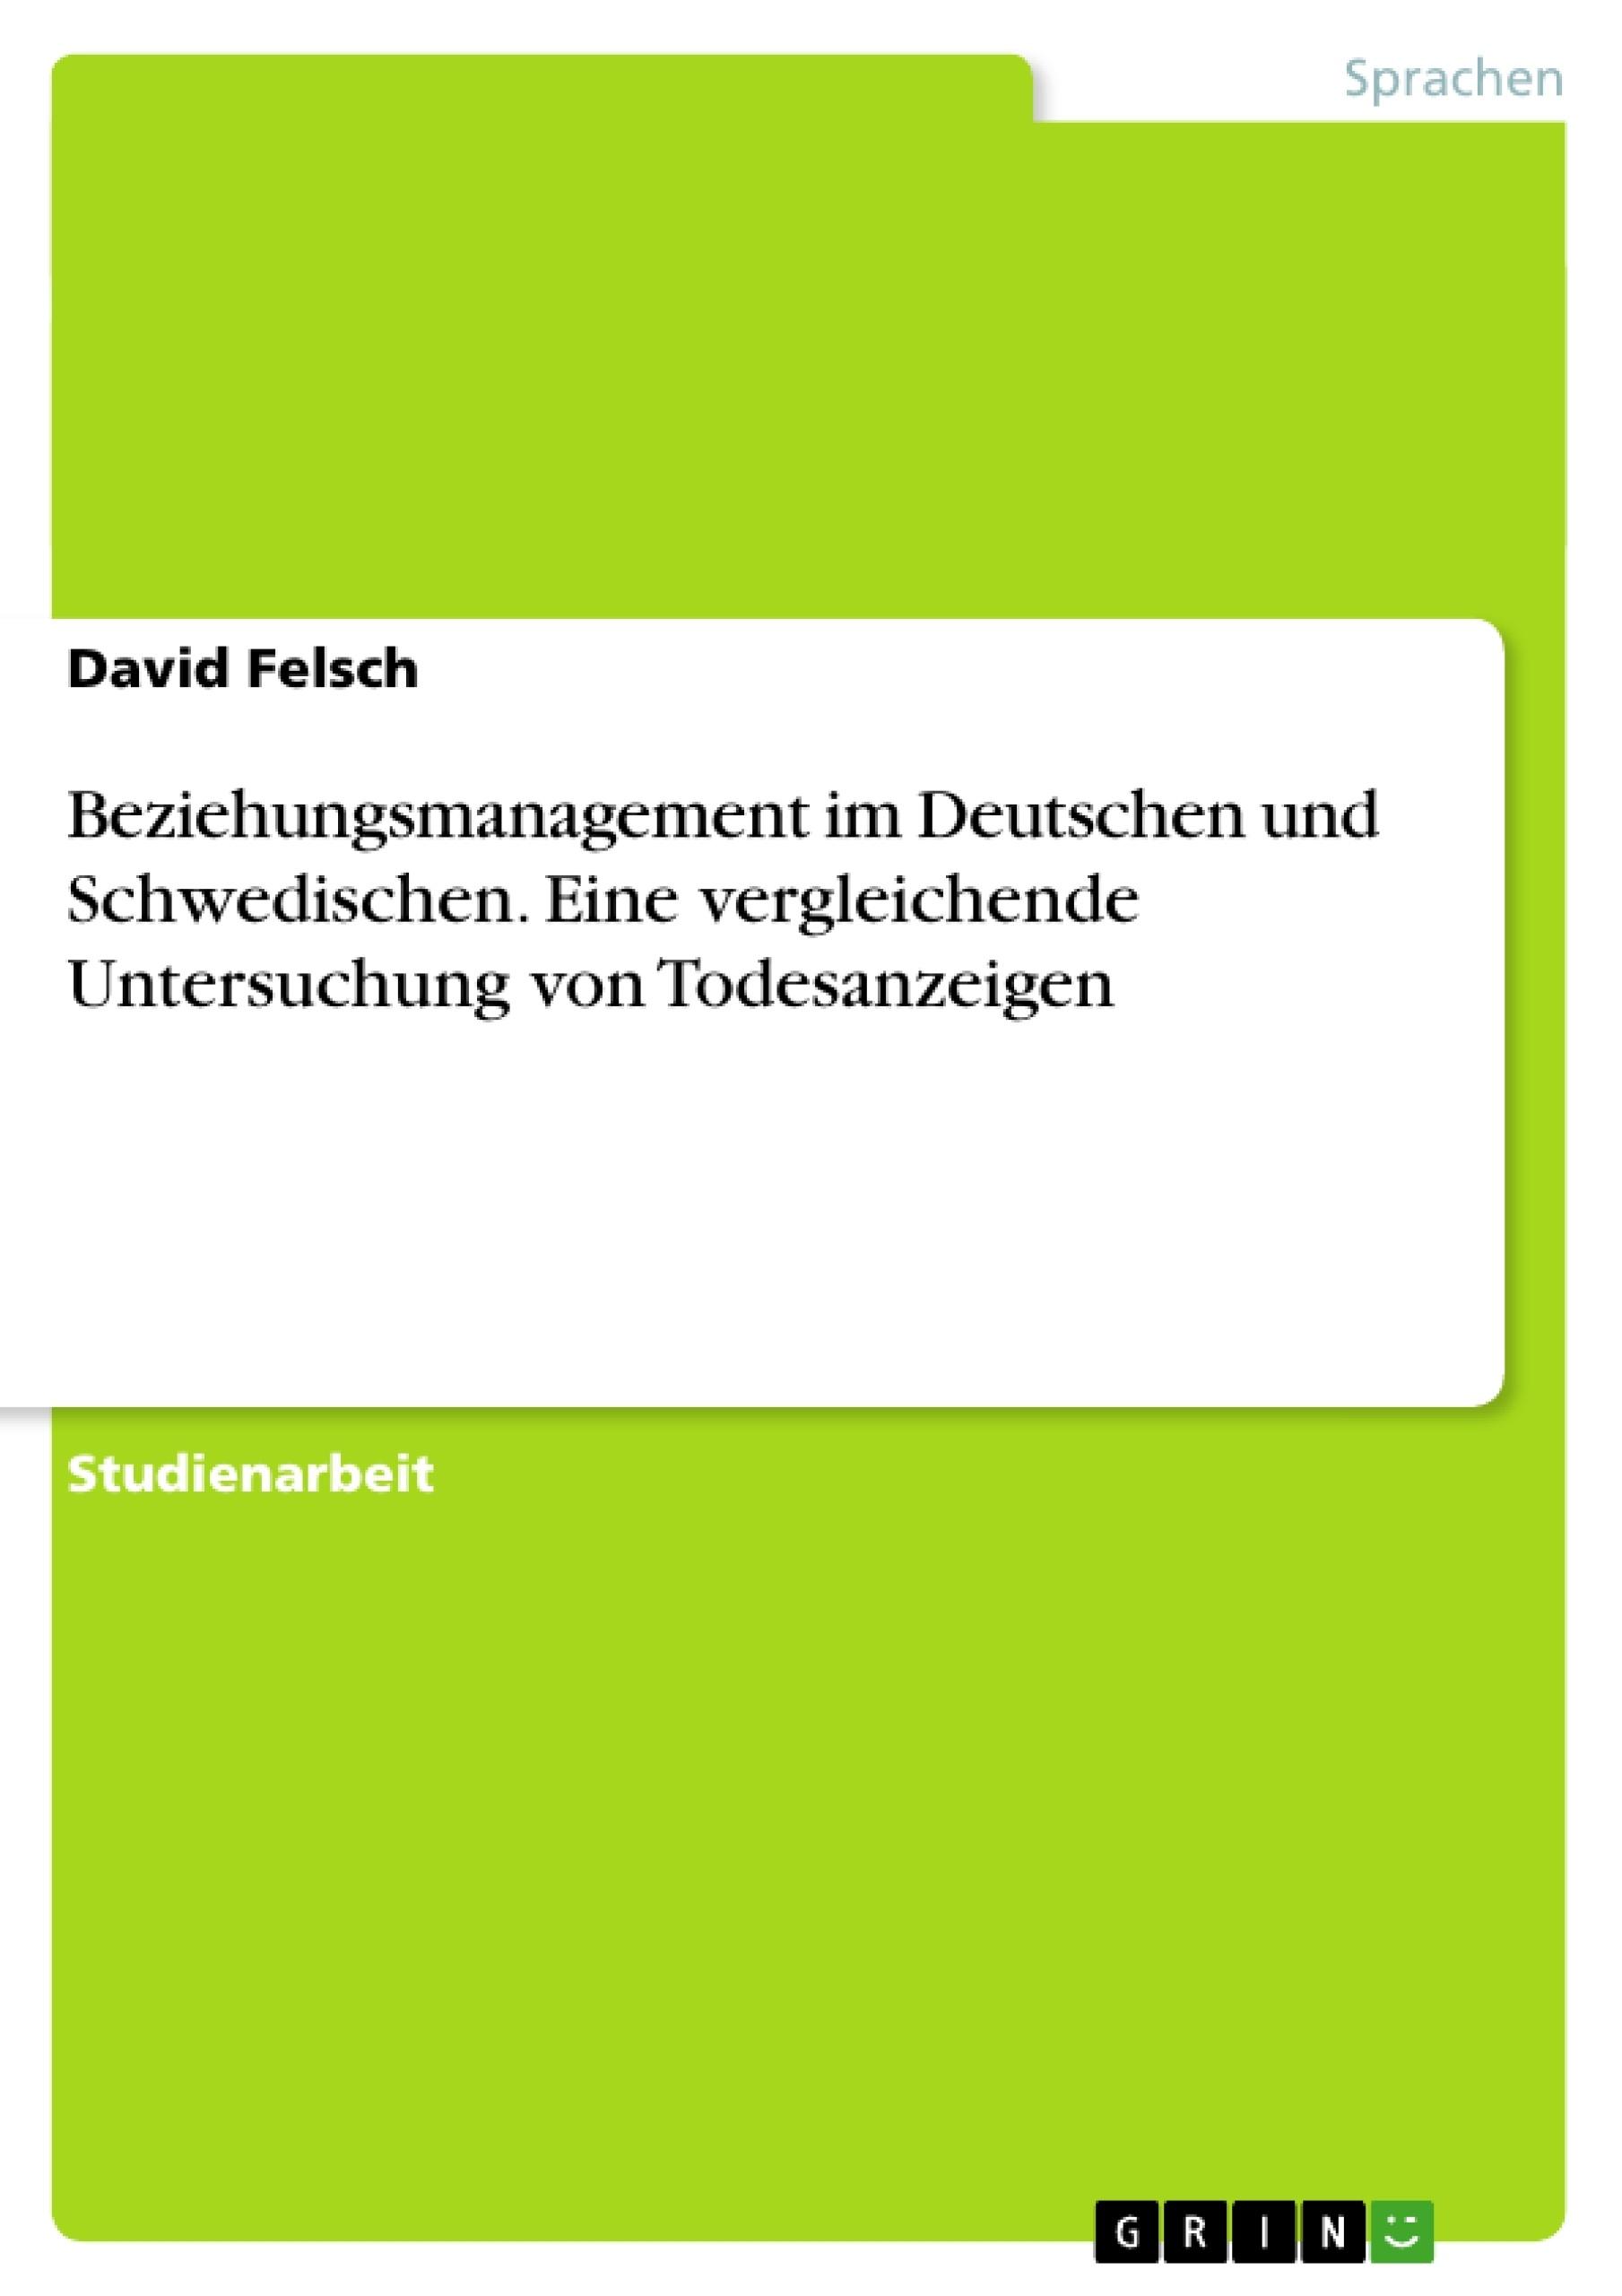 Titel: Beziehungsmanagement im Deutschen und Schwedischen. Eine vergleichende Untersuchung von Todesanzeigen